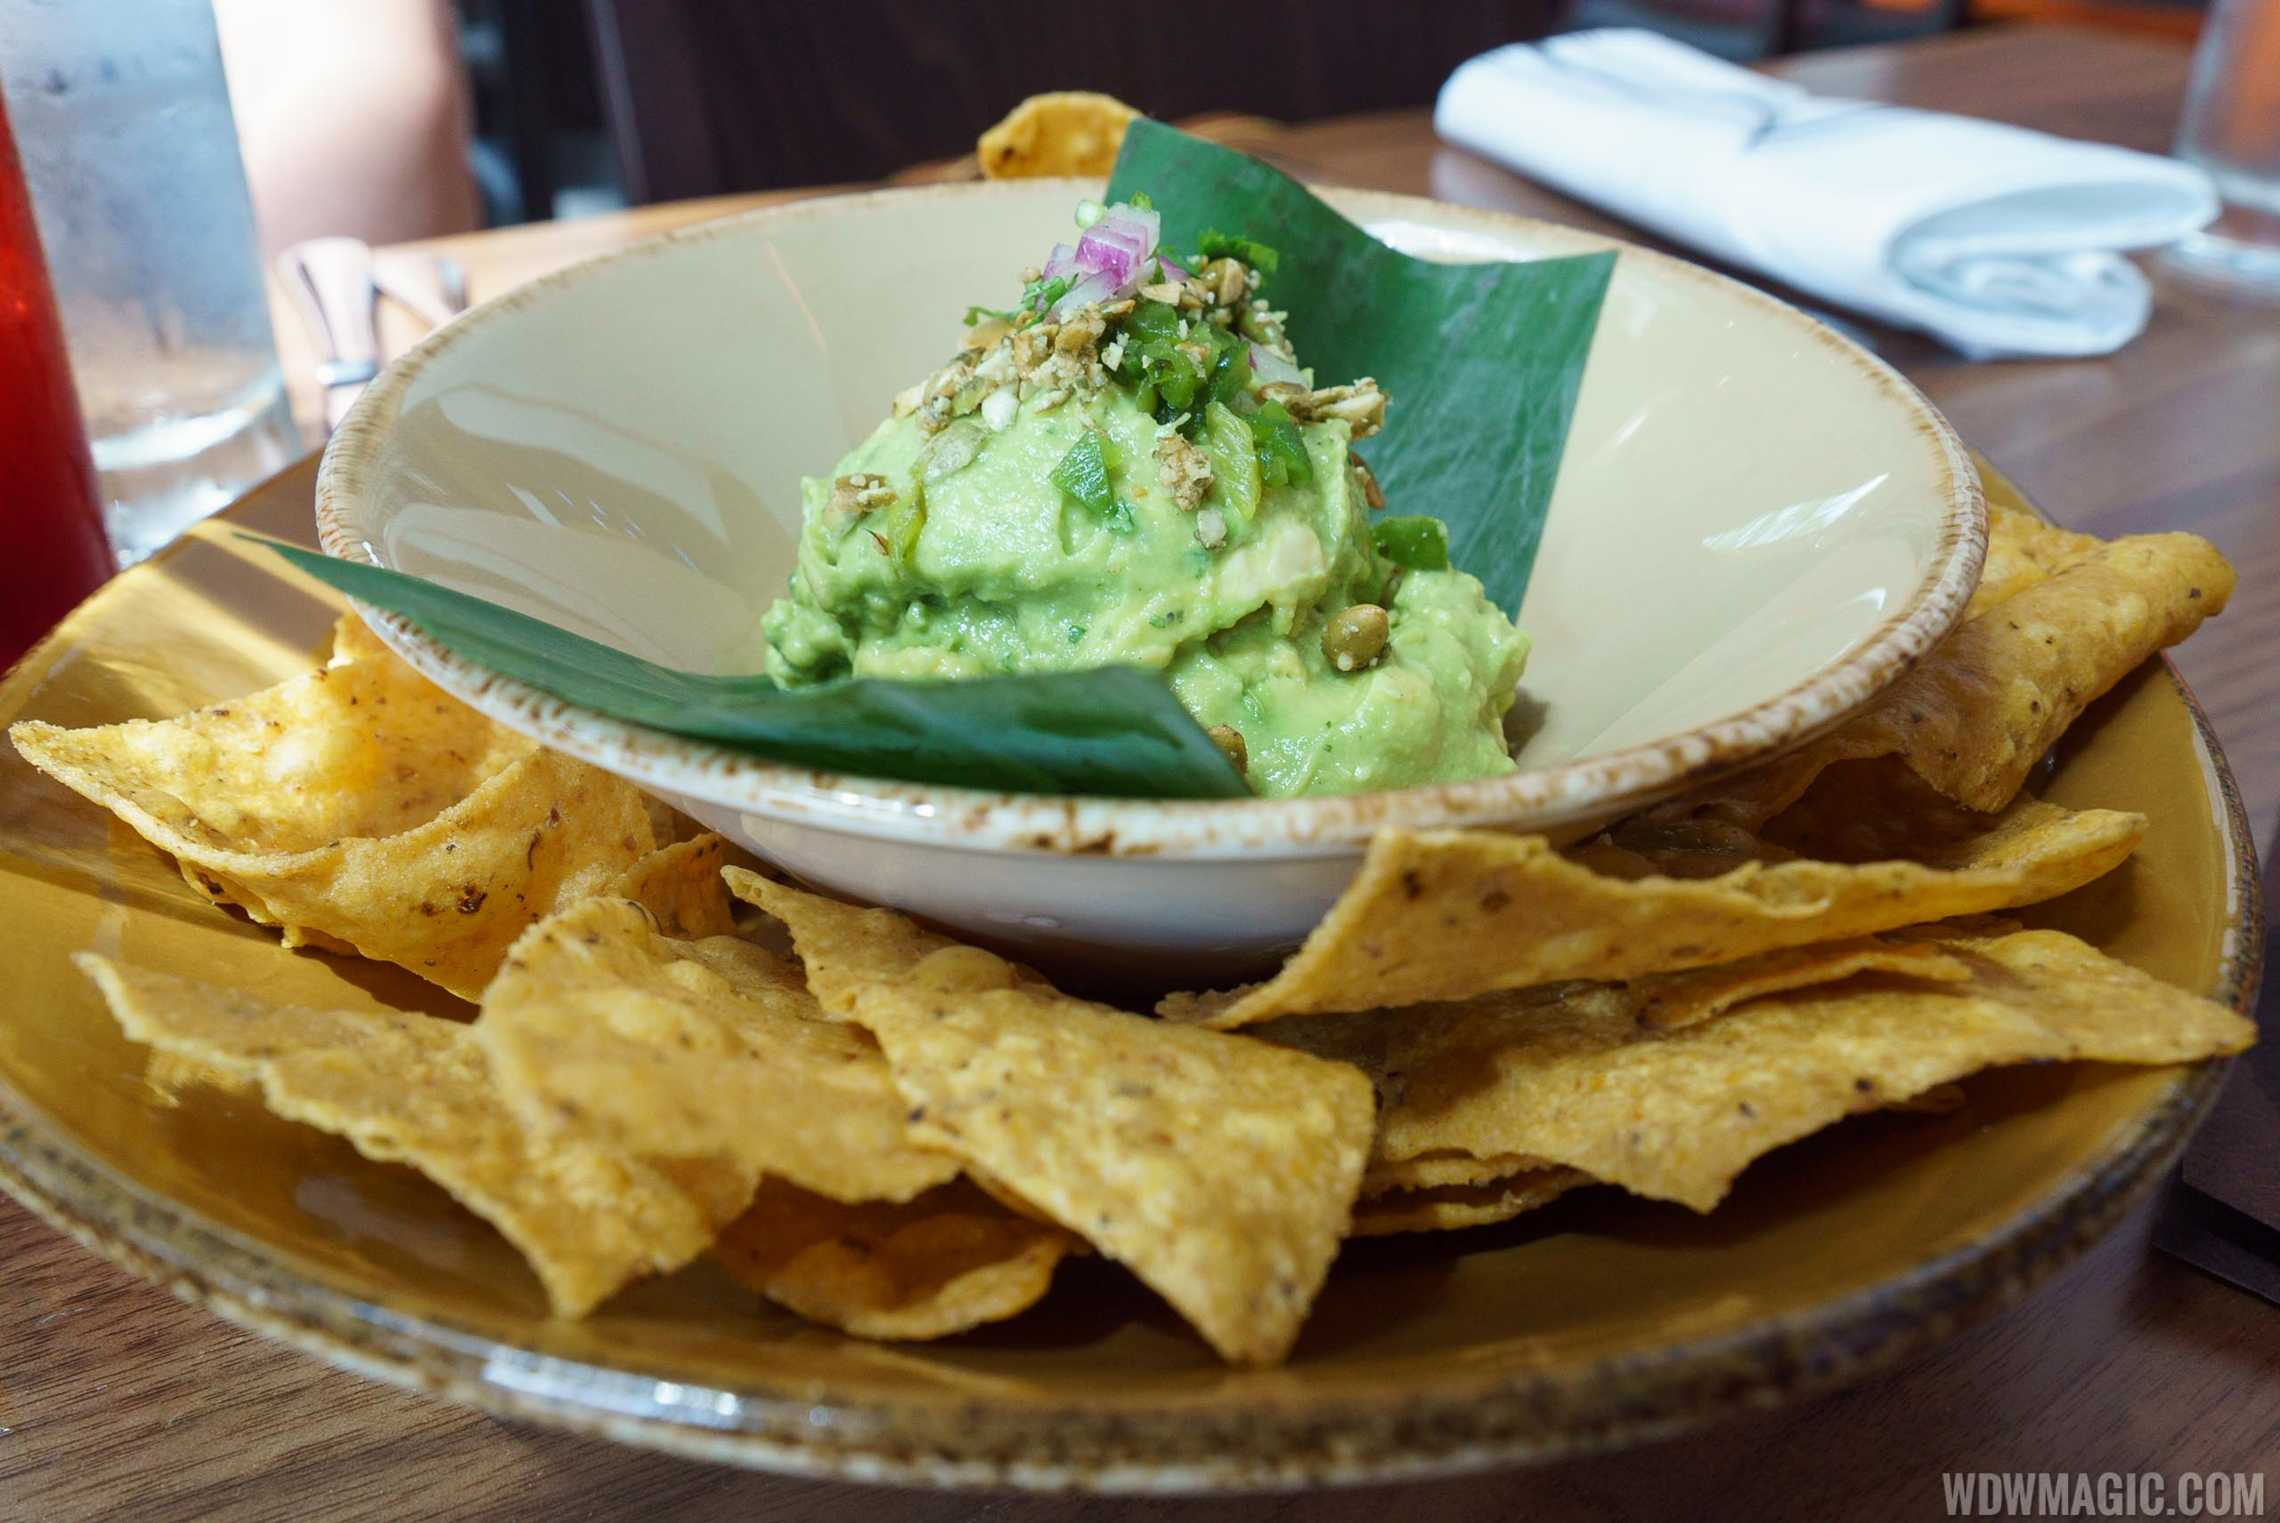 Frontera Cocina - Guacamole Verde